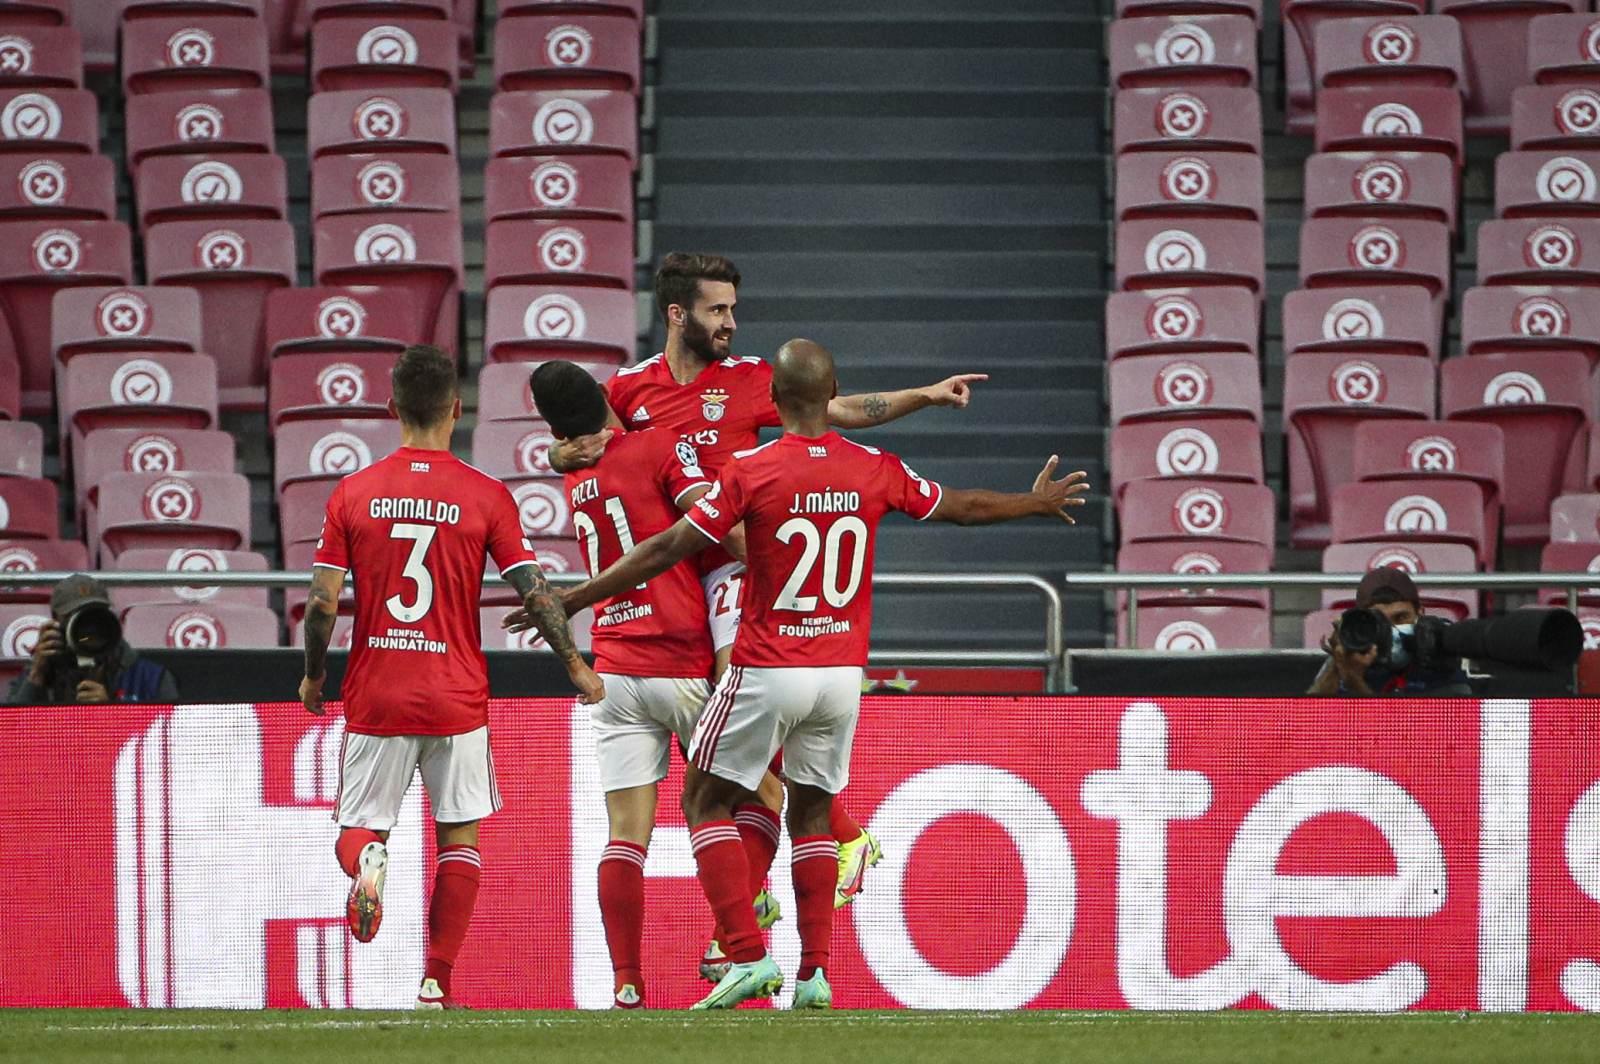 «Бенфика» удержала комфортные нули в матче с ПСВ, играя в меньшинстве на протяжении часа